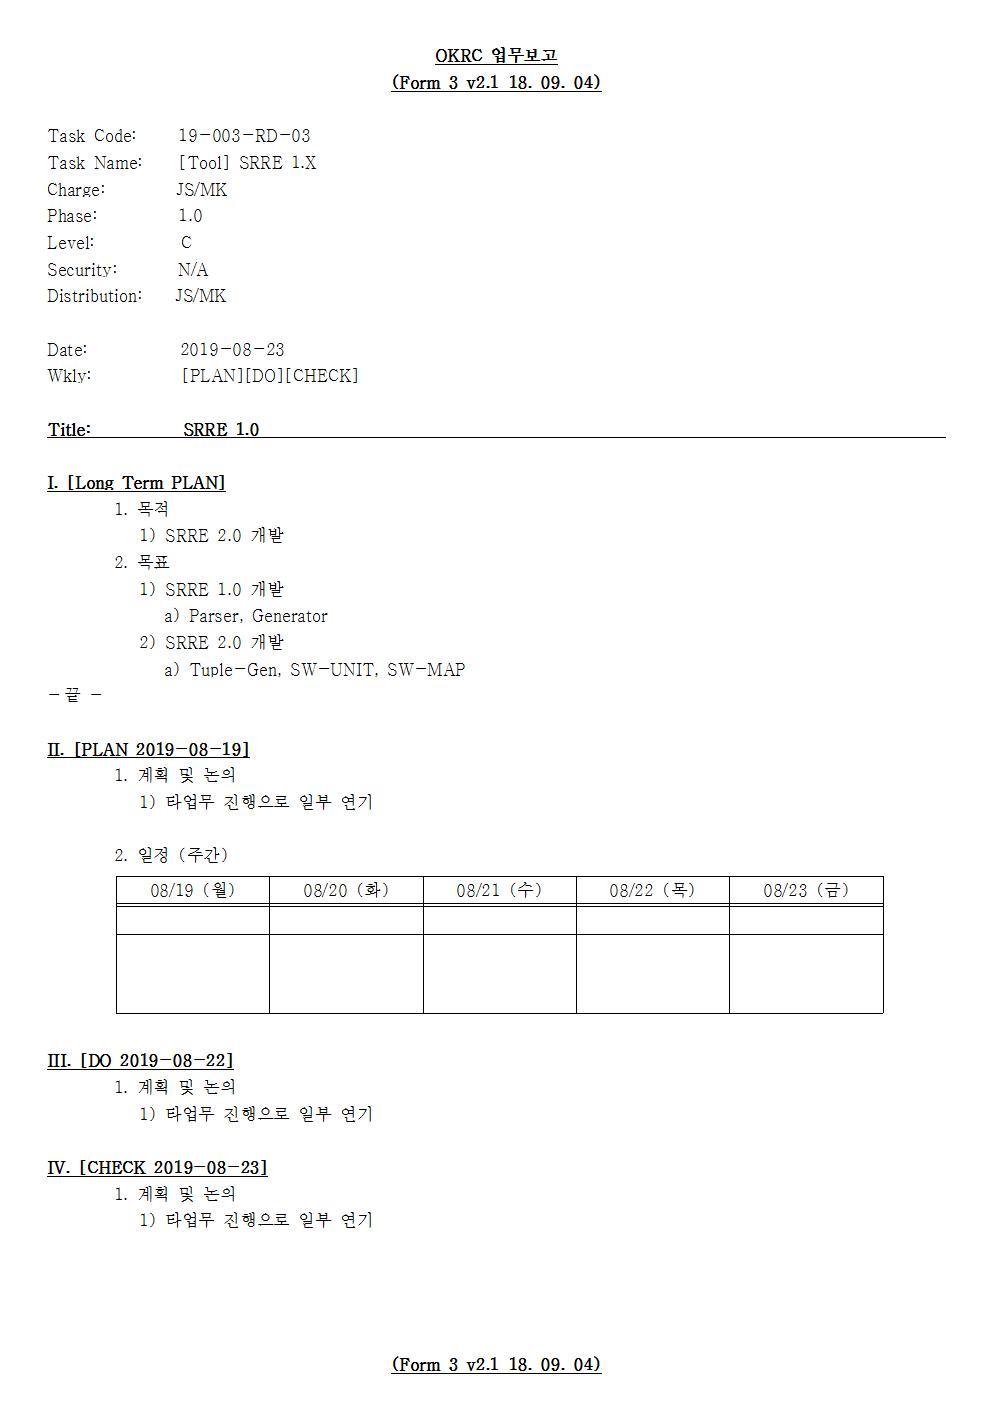 D-[19-003-RD-03]-[Tool-SRRE-1.X]-[2019-08-23][JS]-[19-8-3]-[P+D+C]001.jpg